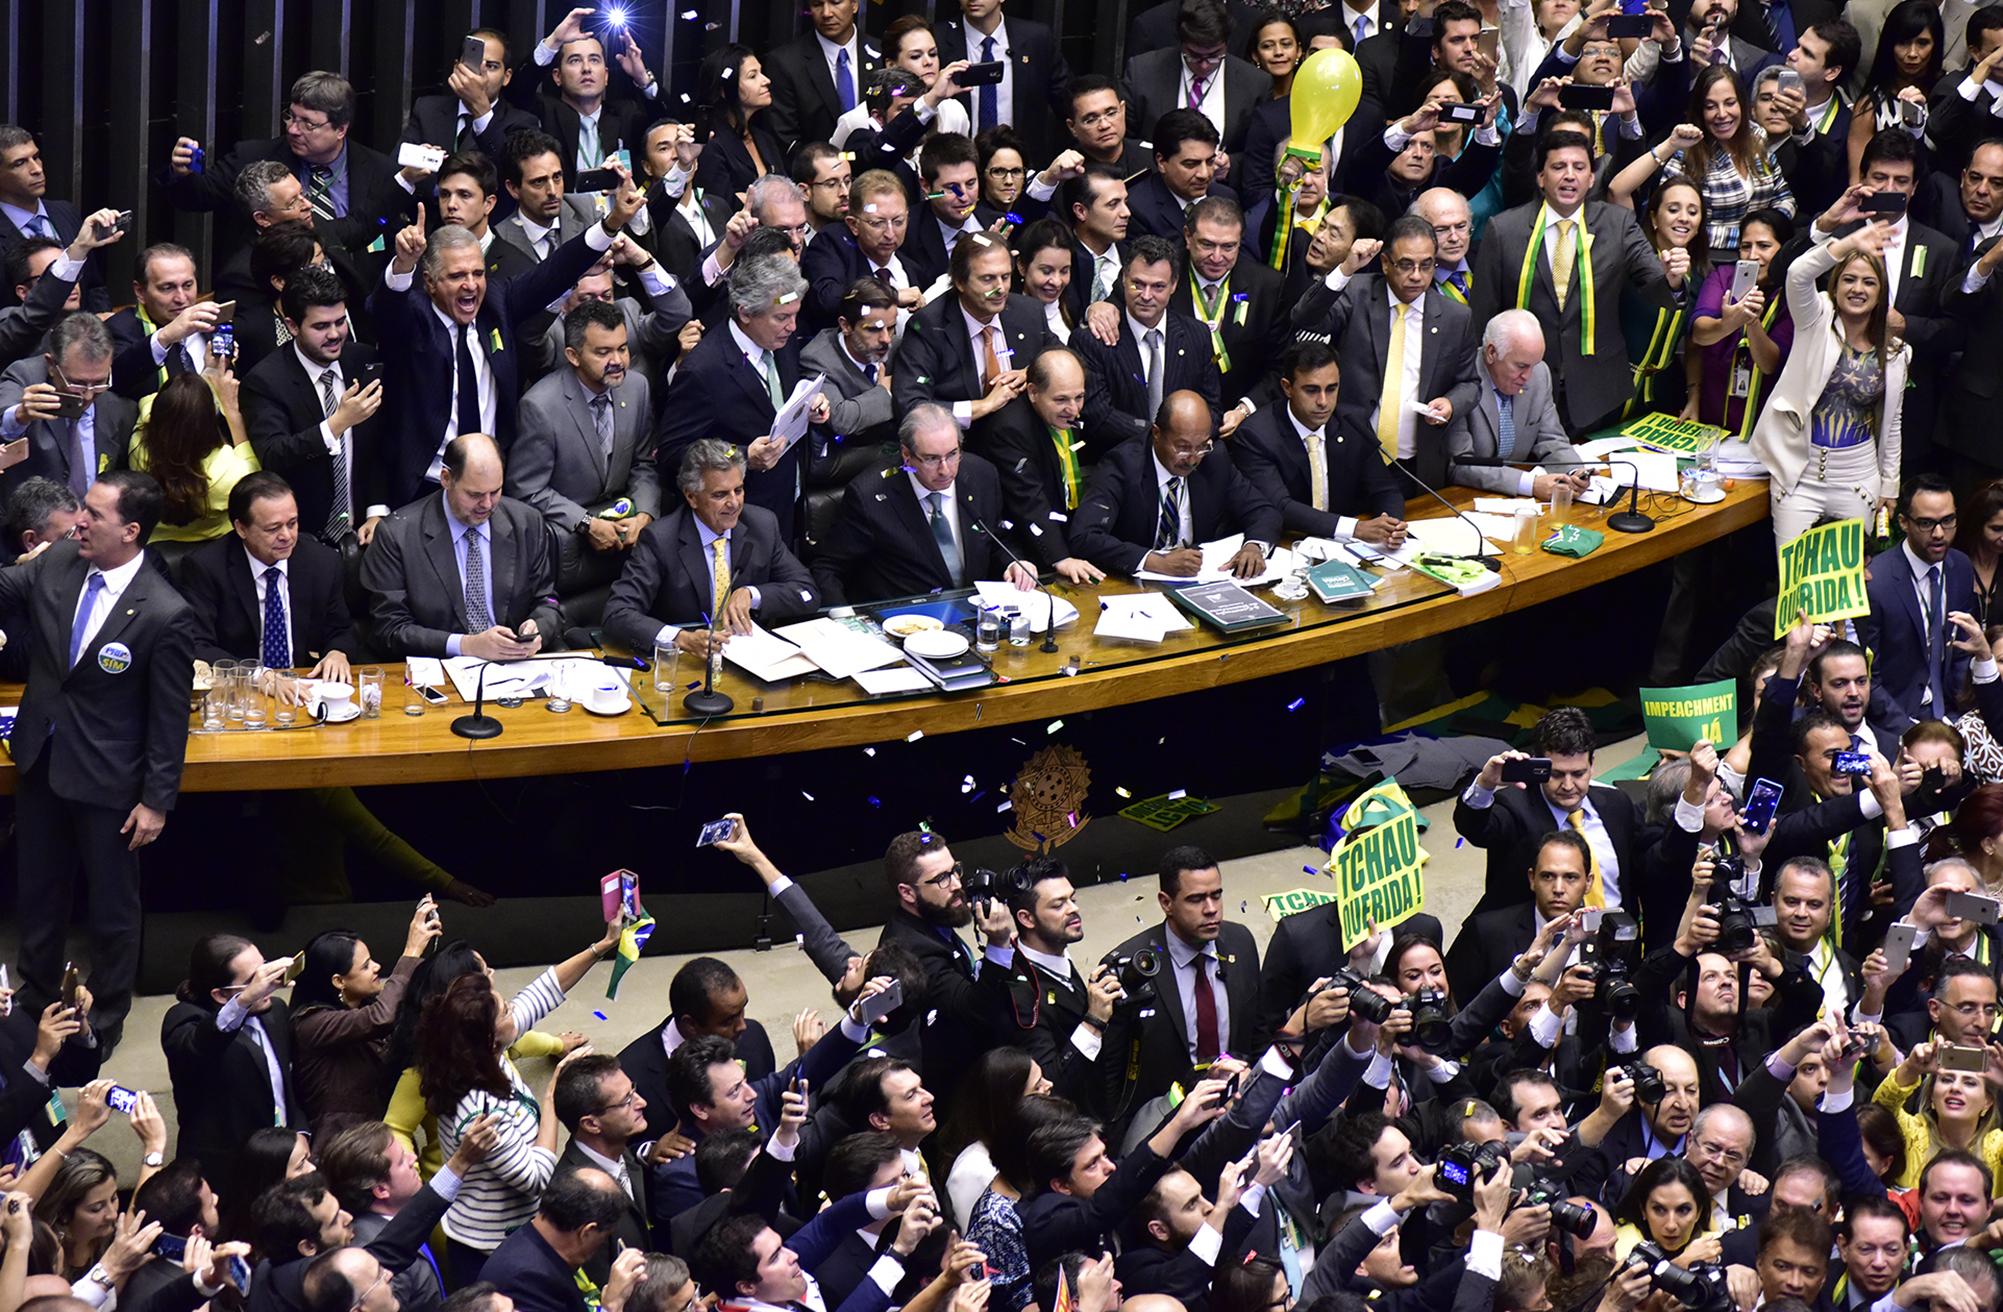 Sessão especial para votação do parecer do dep. Jovair Arantes (PTB-GO), aprovado em comissão especial, que recomenda a abertura do processo de impeachment da presidente da República